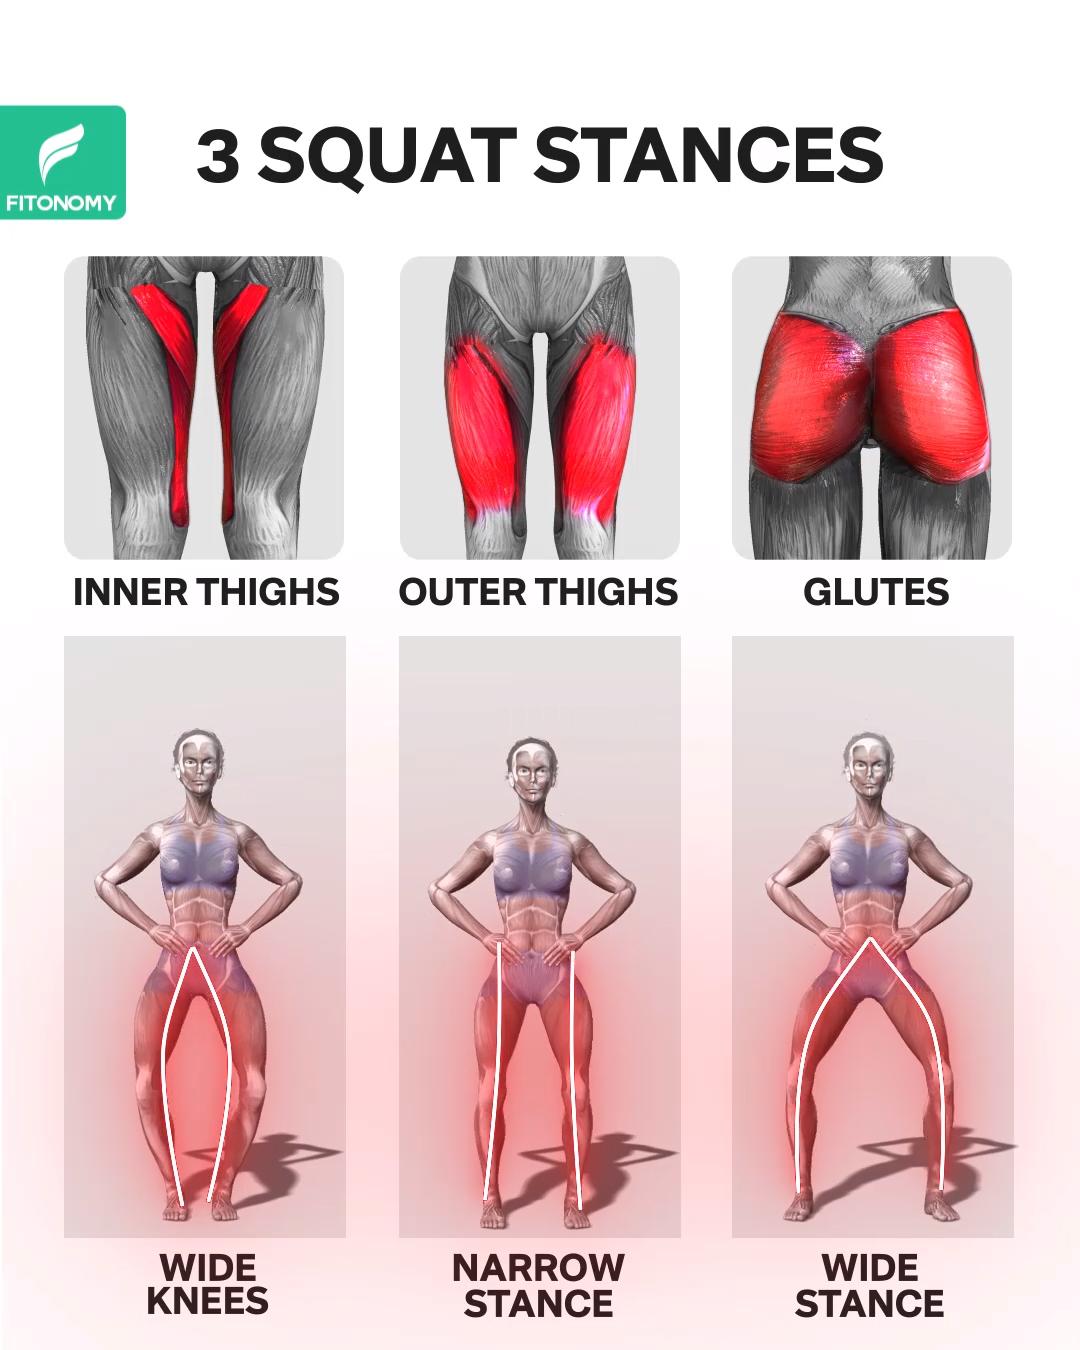 3 SQUAT STANCES